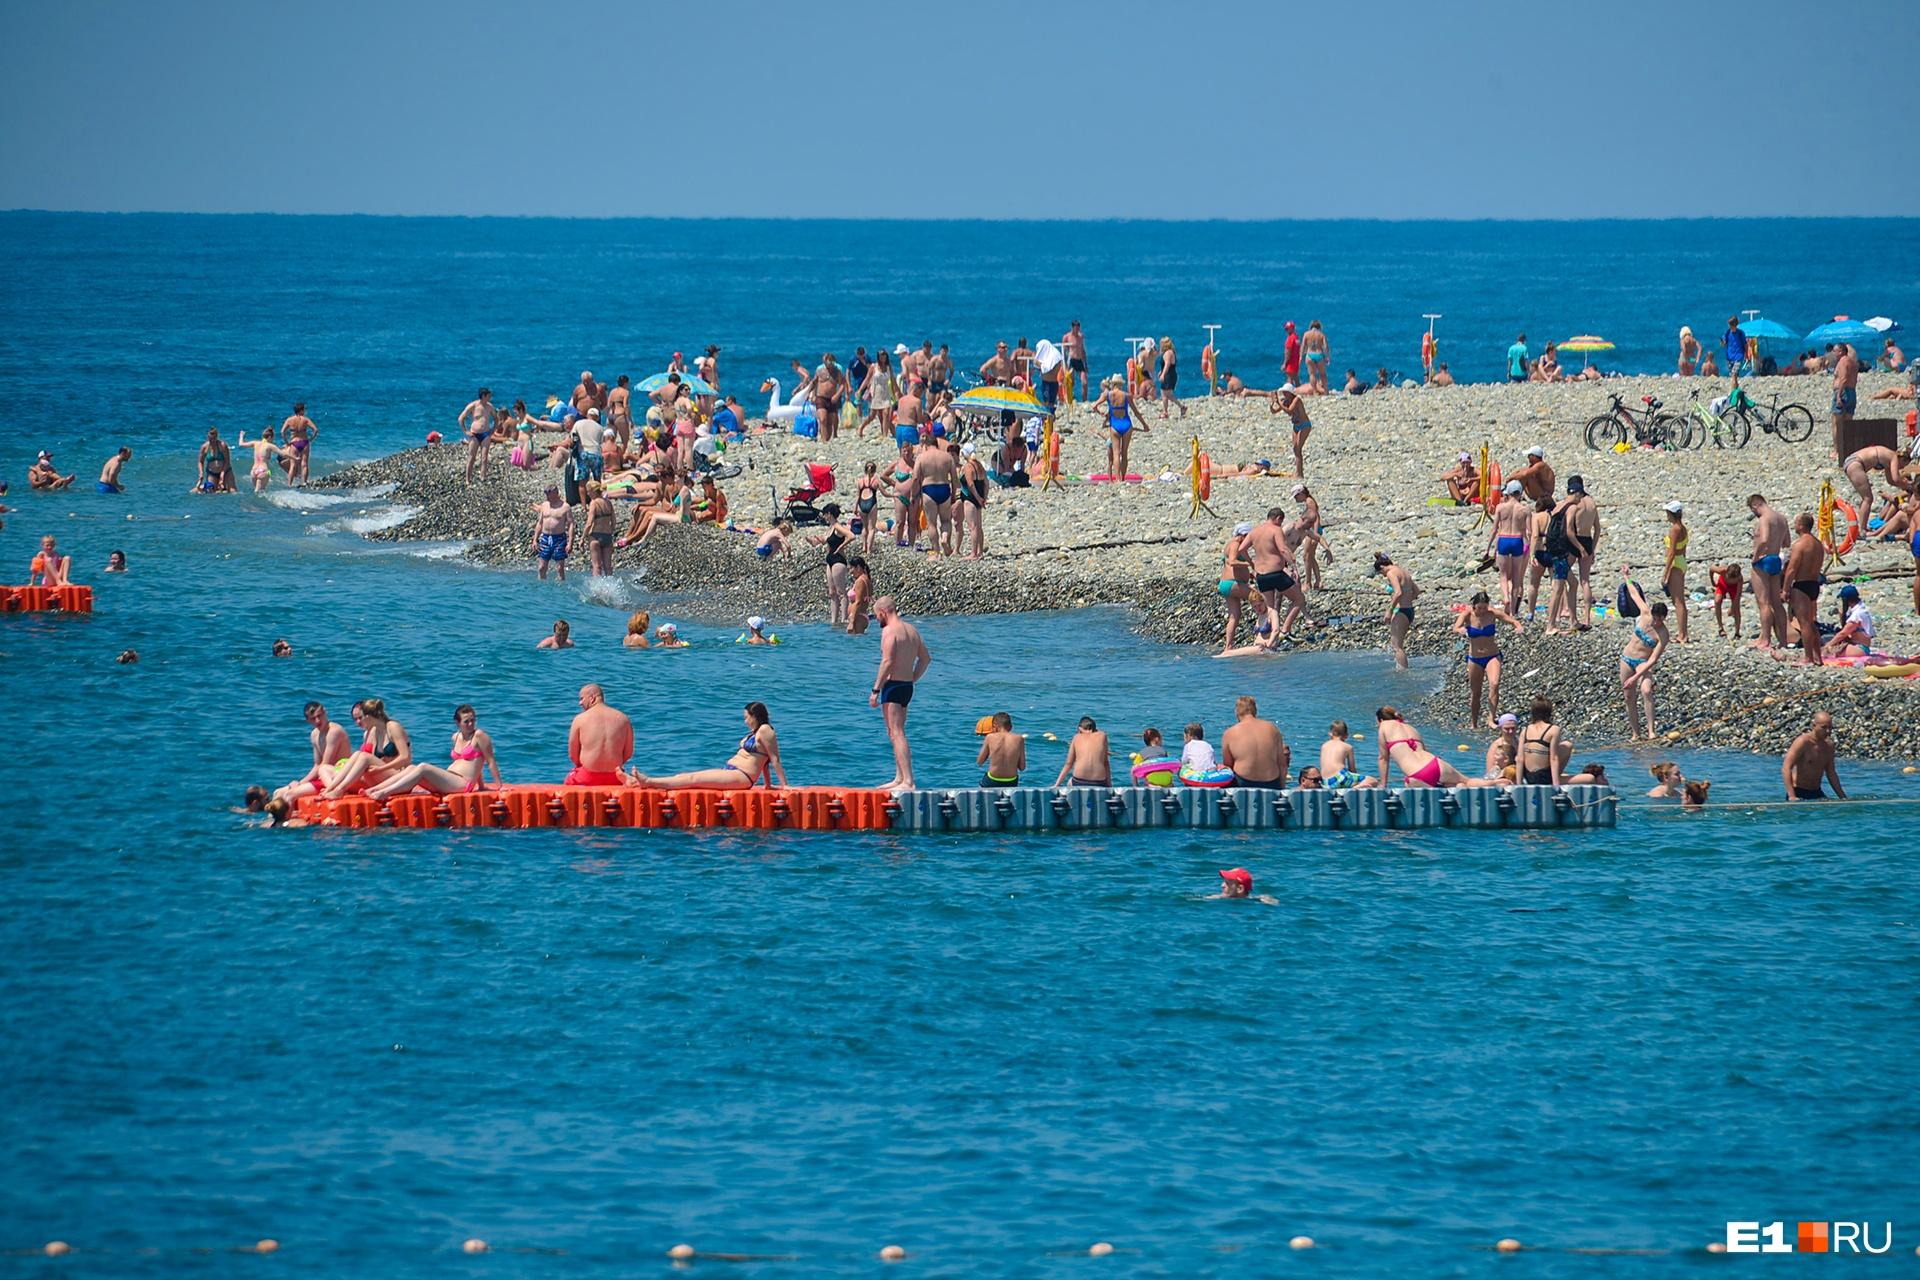 Податься в Сочи в сентябре — и выгодно, и правильно: билеты недорогие, а море до сих пор тёплое